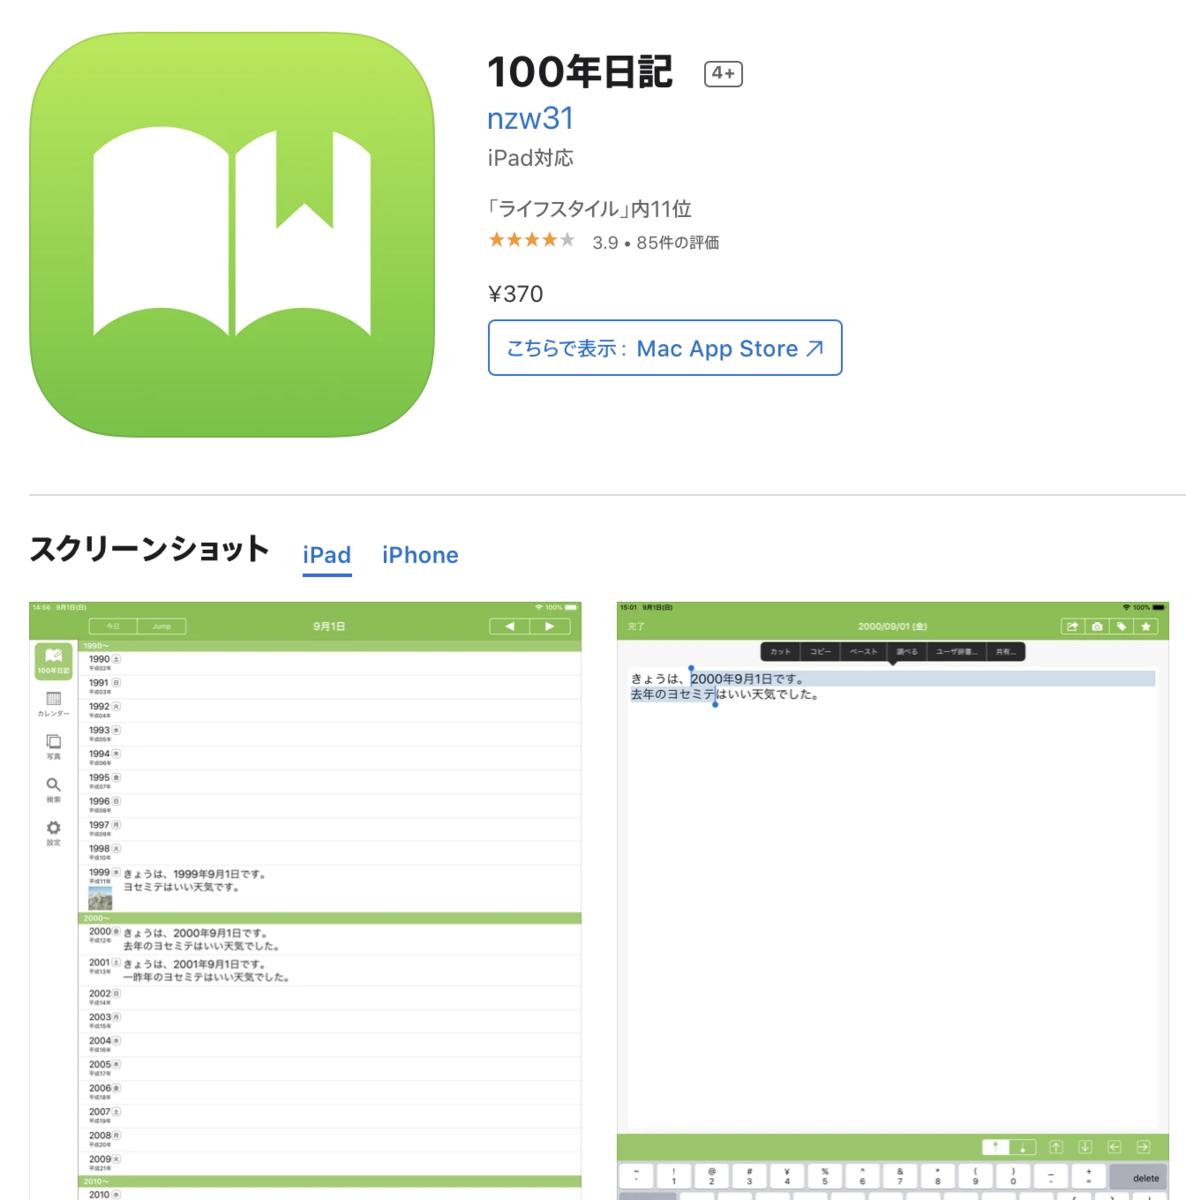 f:id:hnatsuko:20210721100339p:plain